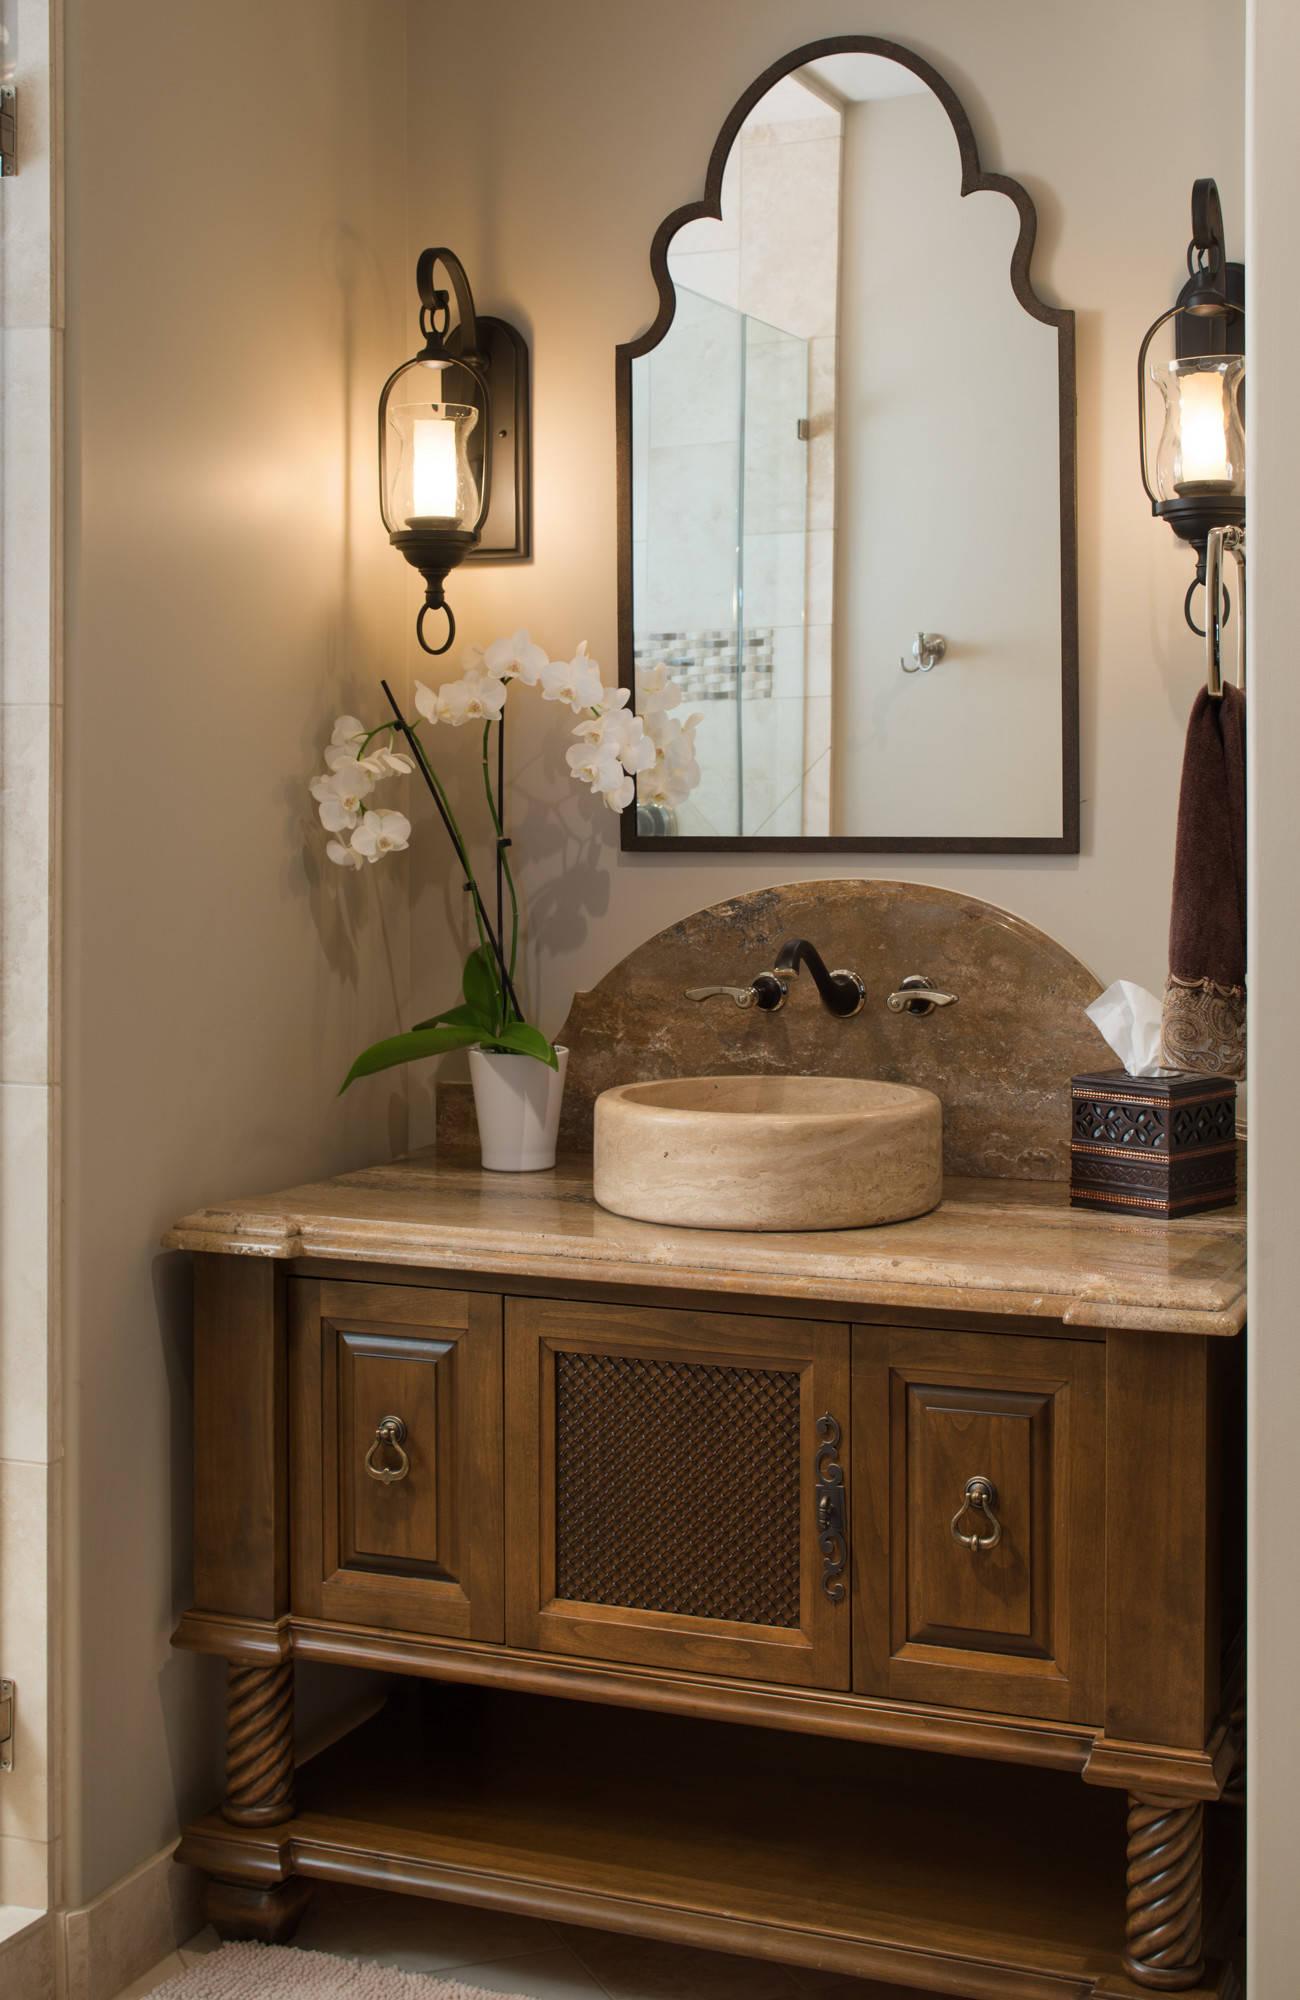 luxury bathroom faucets - amazing